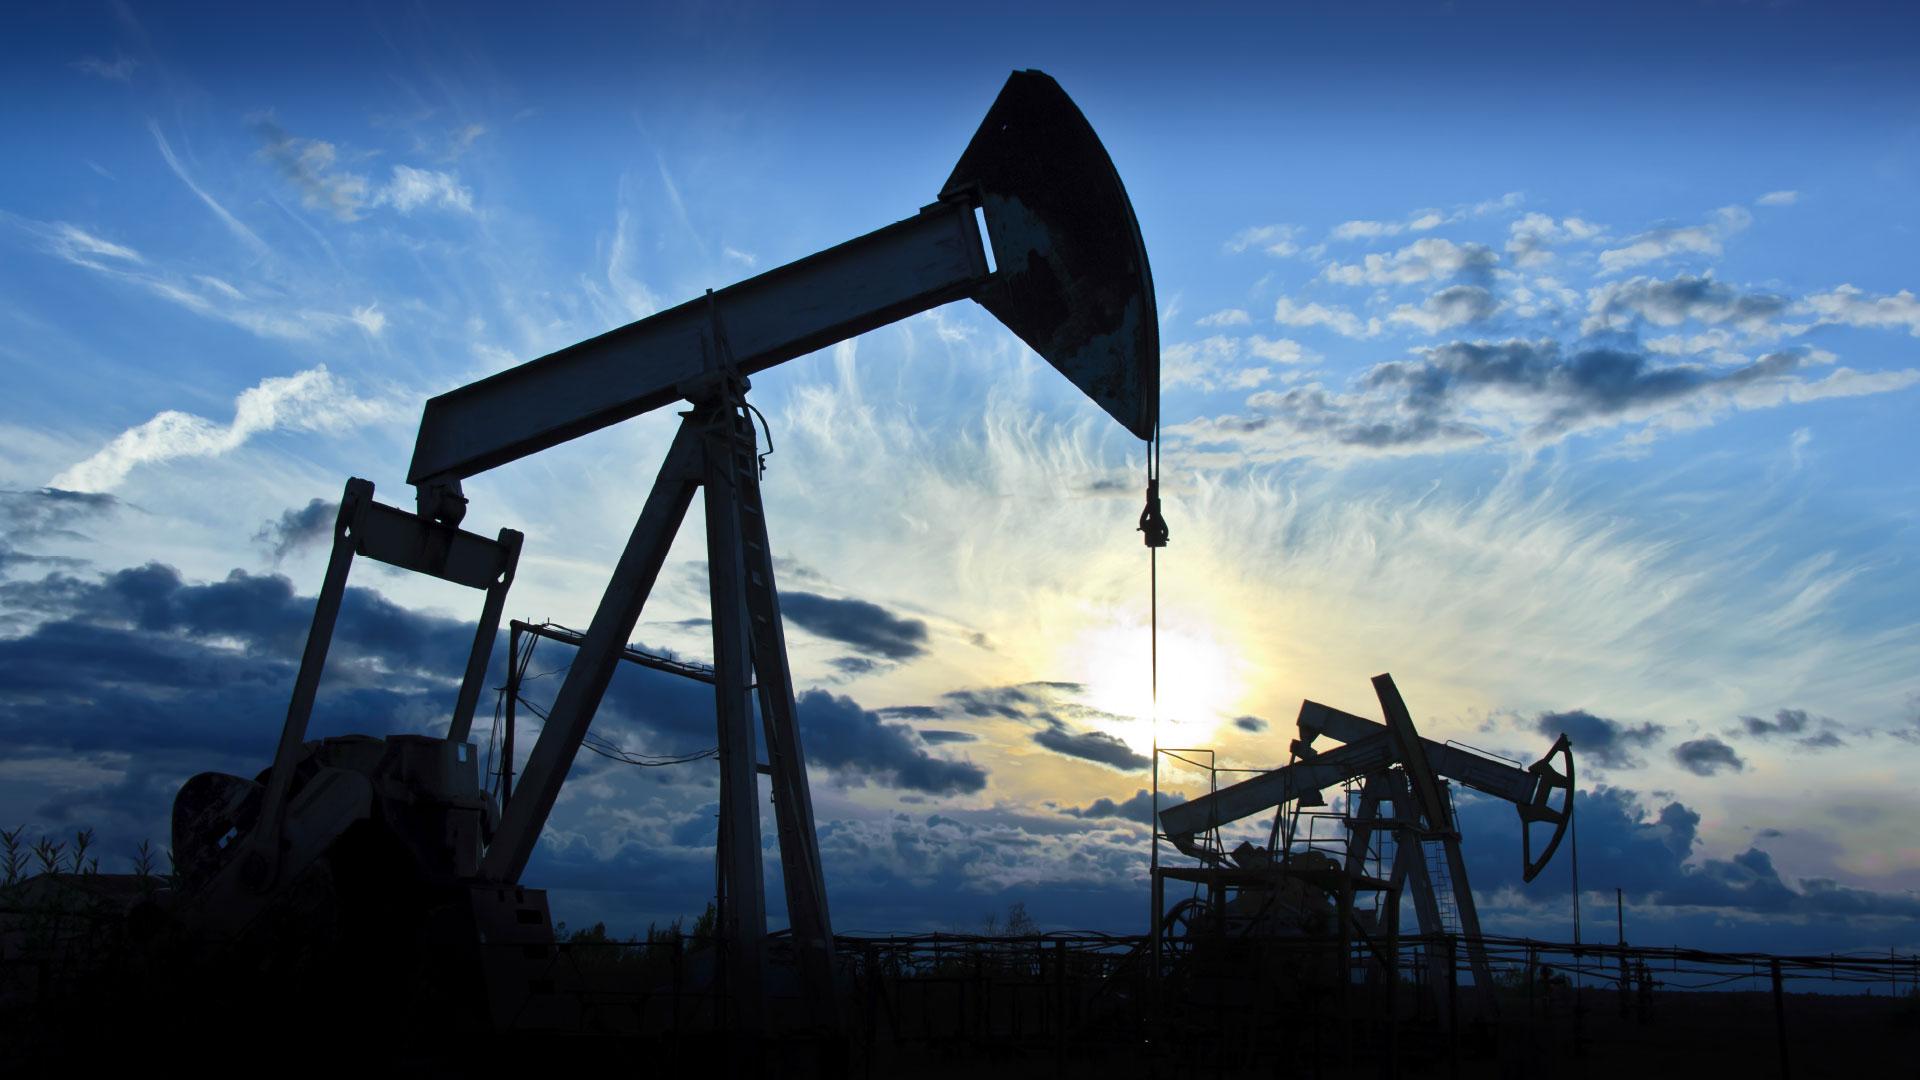 النفط يرتفع بعد خسائر كبيرة واستمرار مخاوف تخمة المعروض